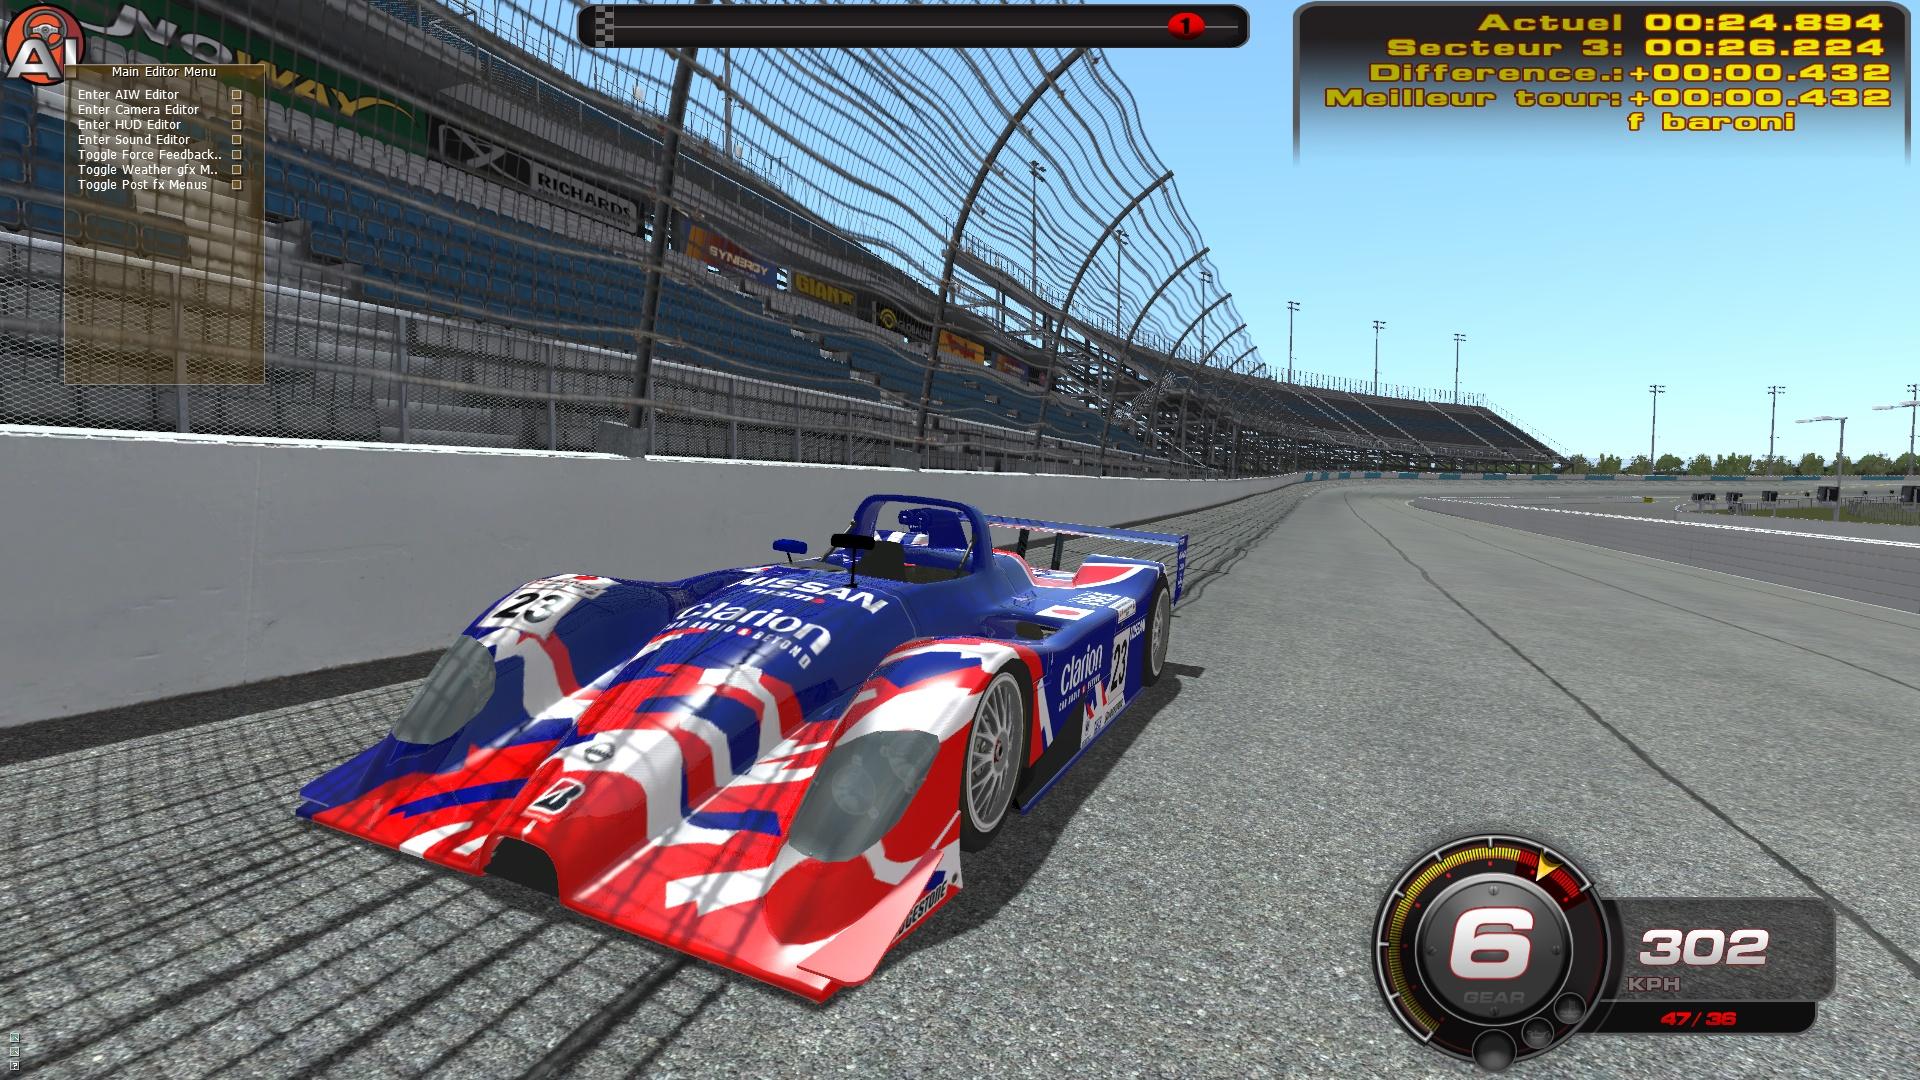 Le Mans 1999 Mod for rFactor 2 – Preview – VirtualR net – 100